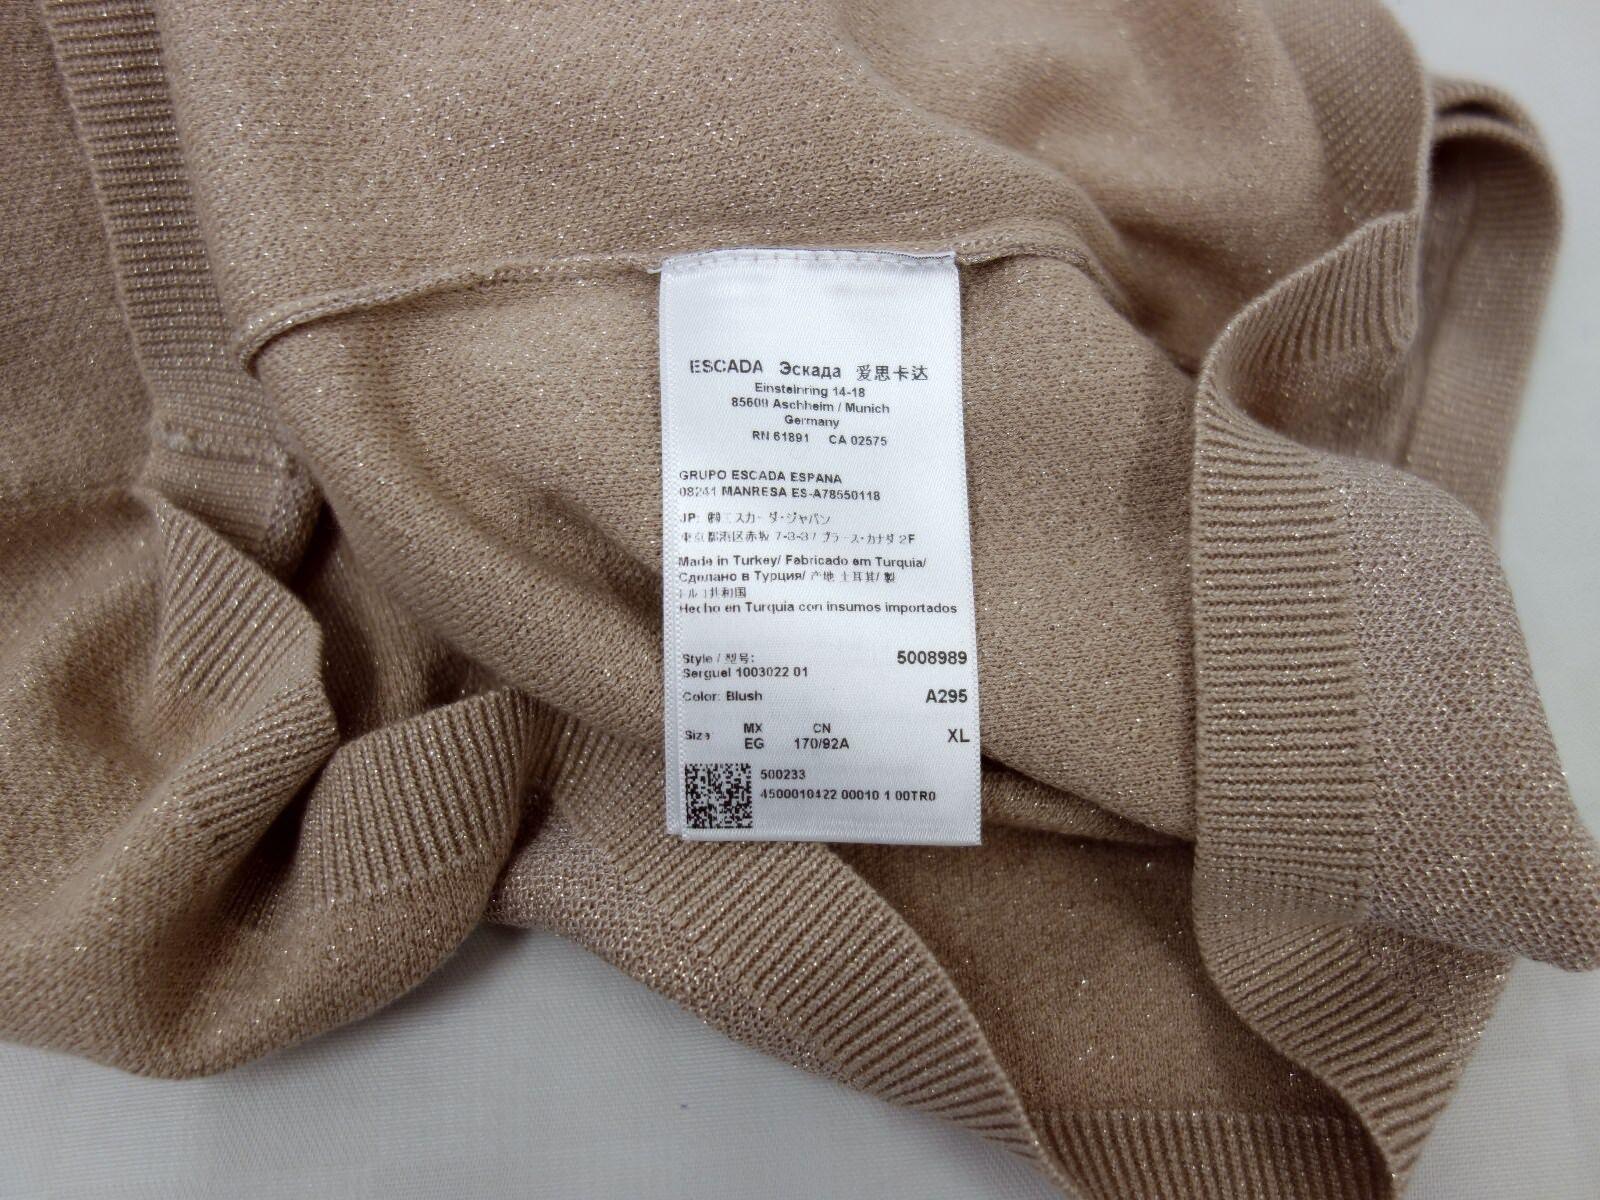 NUOVO Pullover Escada Designer Taglia Taglia Taglia XL 42 U-scollatura LUREX GLITTER CIPRIA BEIGE a856a1